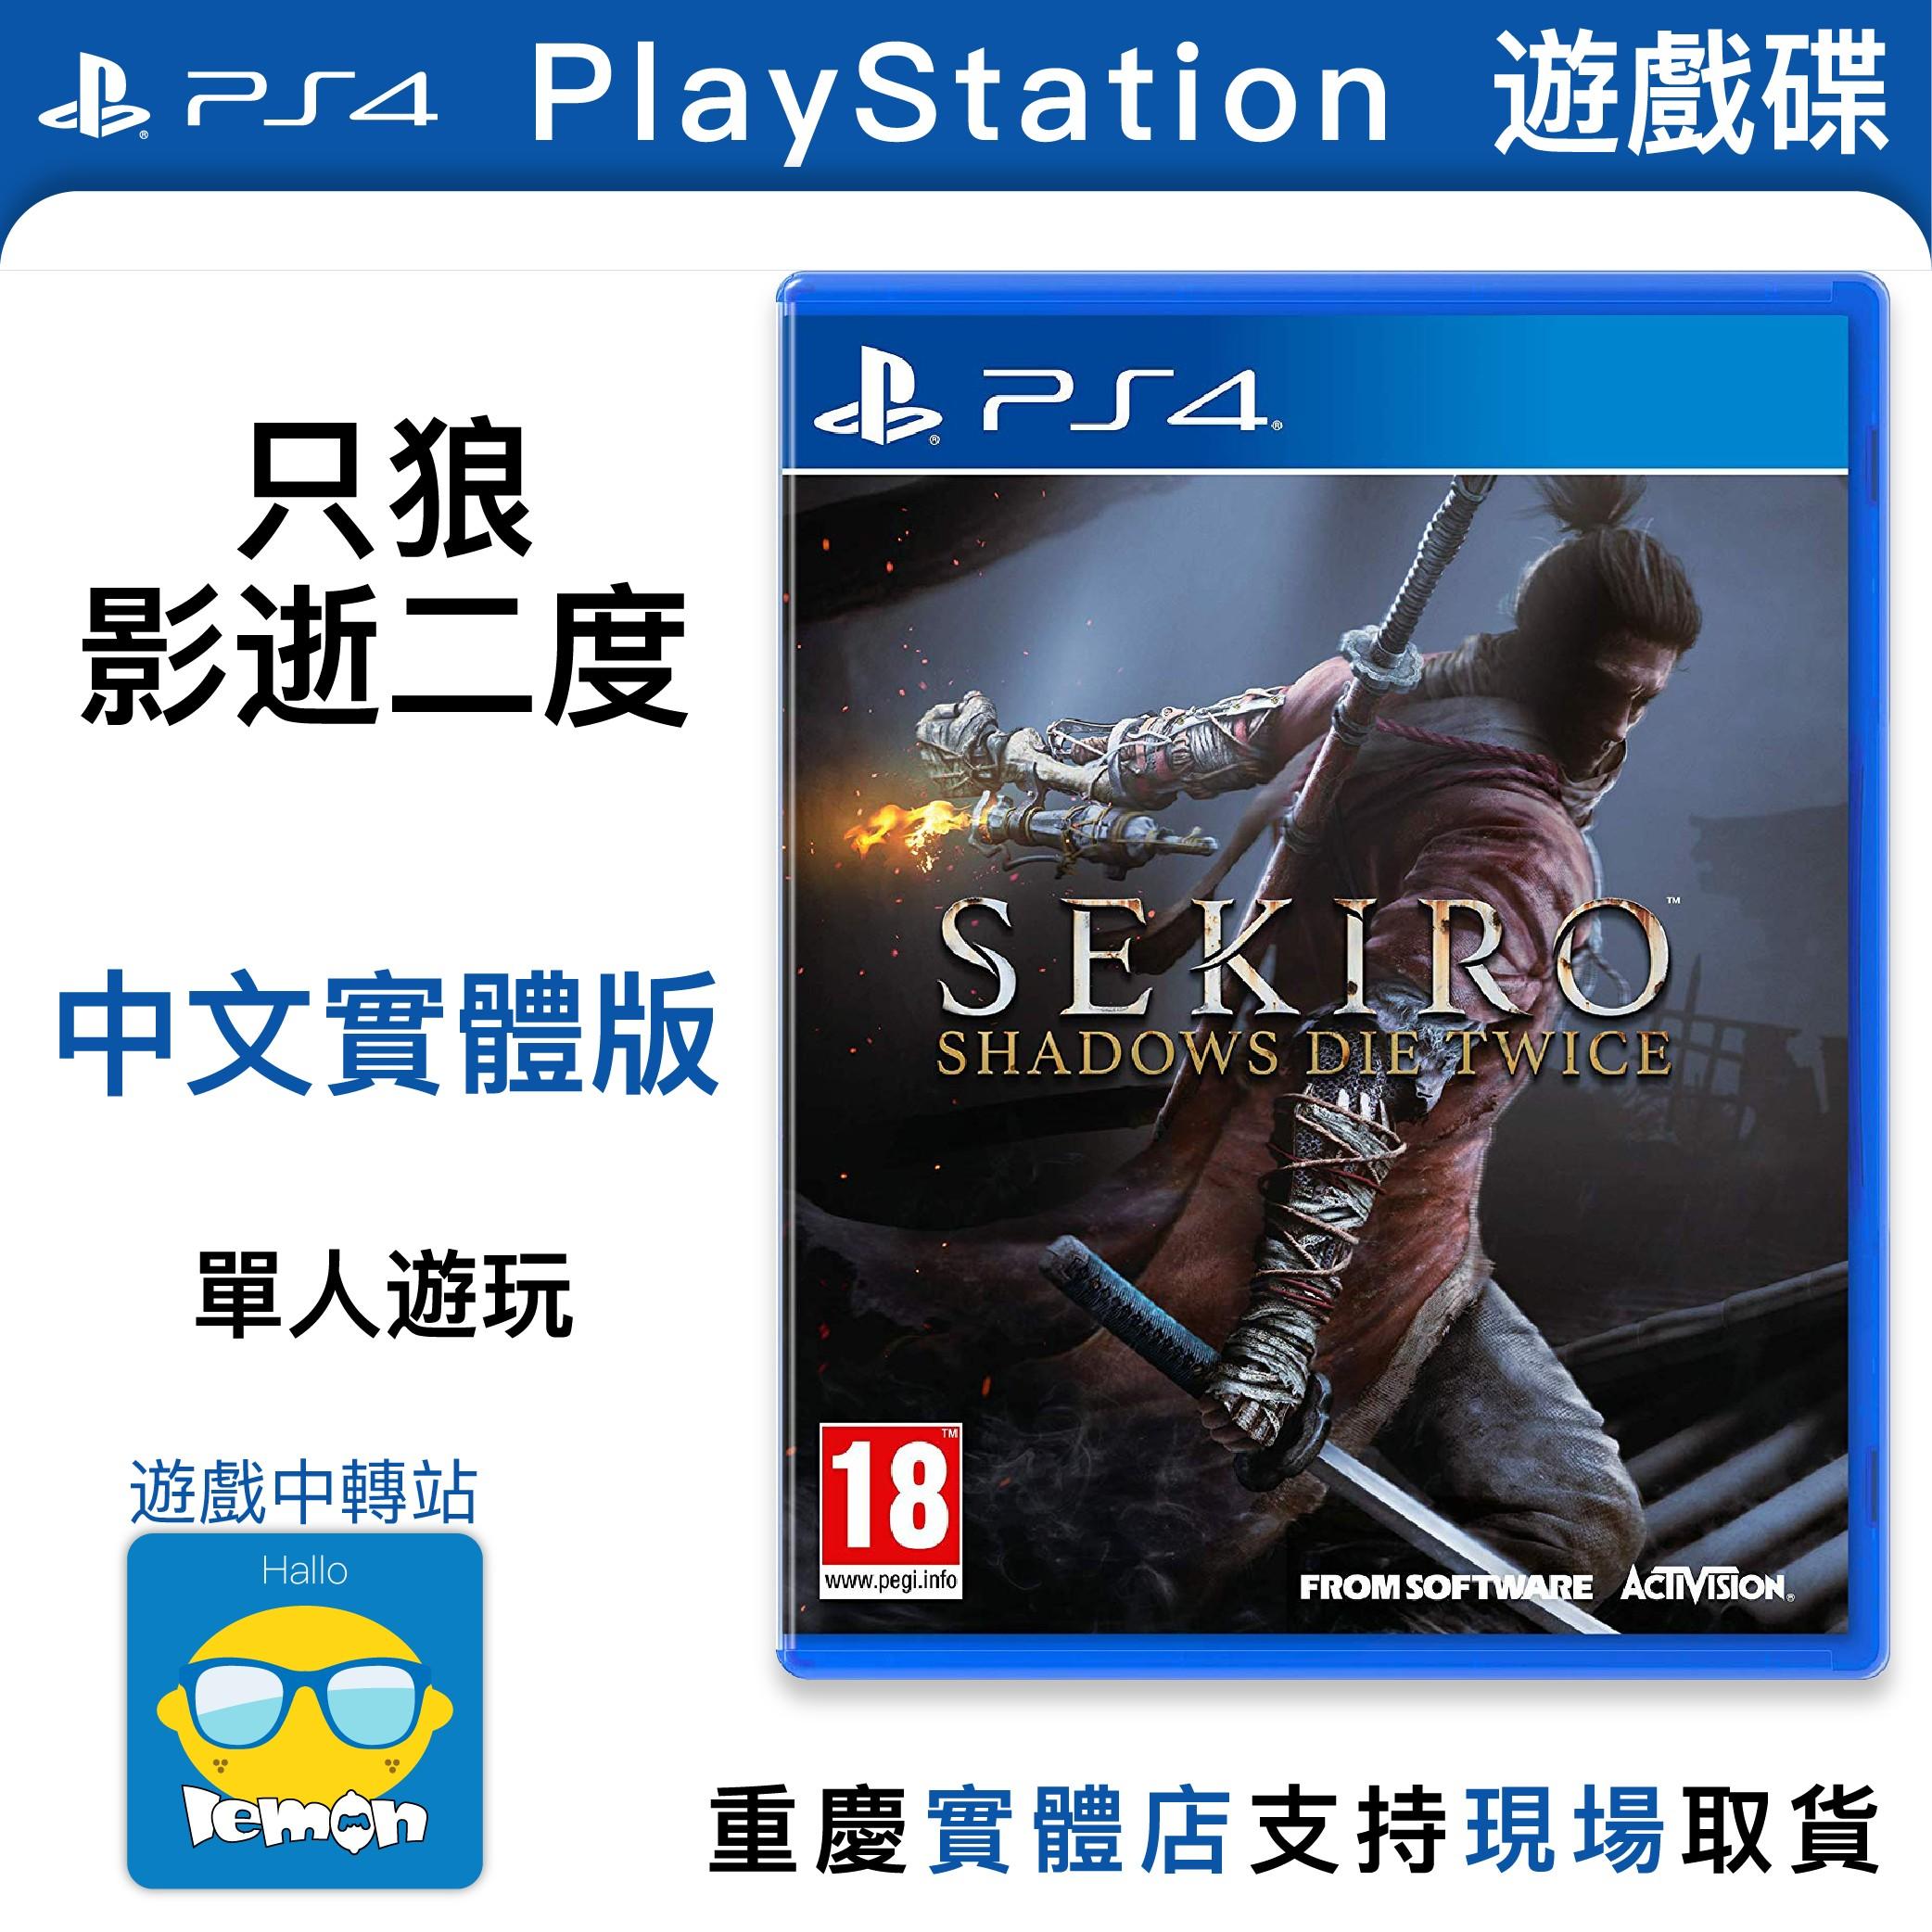 有赠品PS4游戏 索尼游戏 只狼 影逝二度 中文实体版 游戏出租 包邮